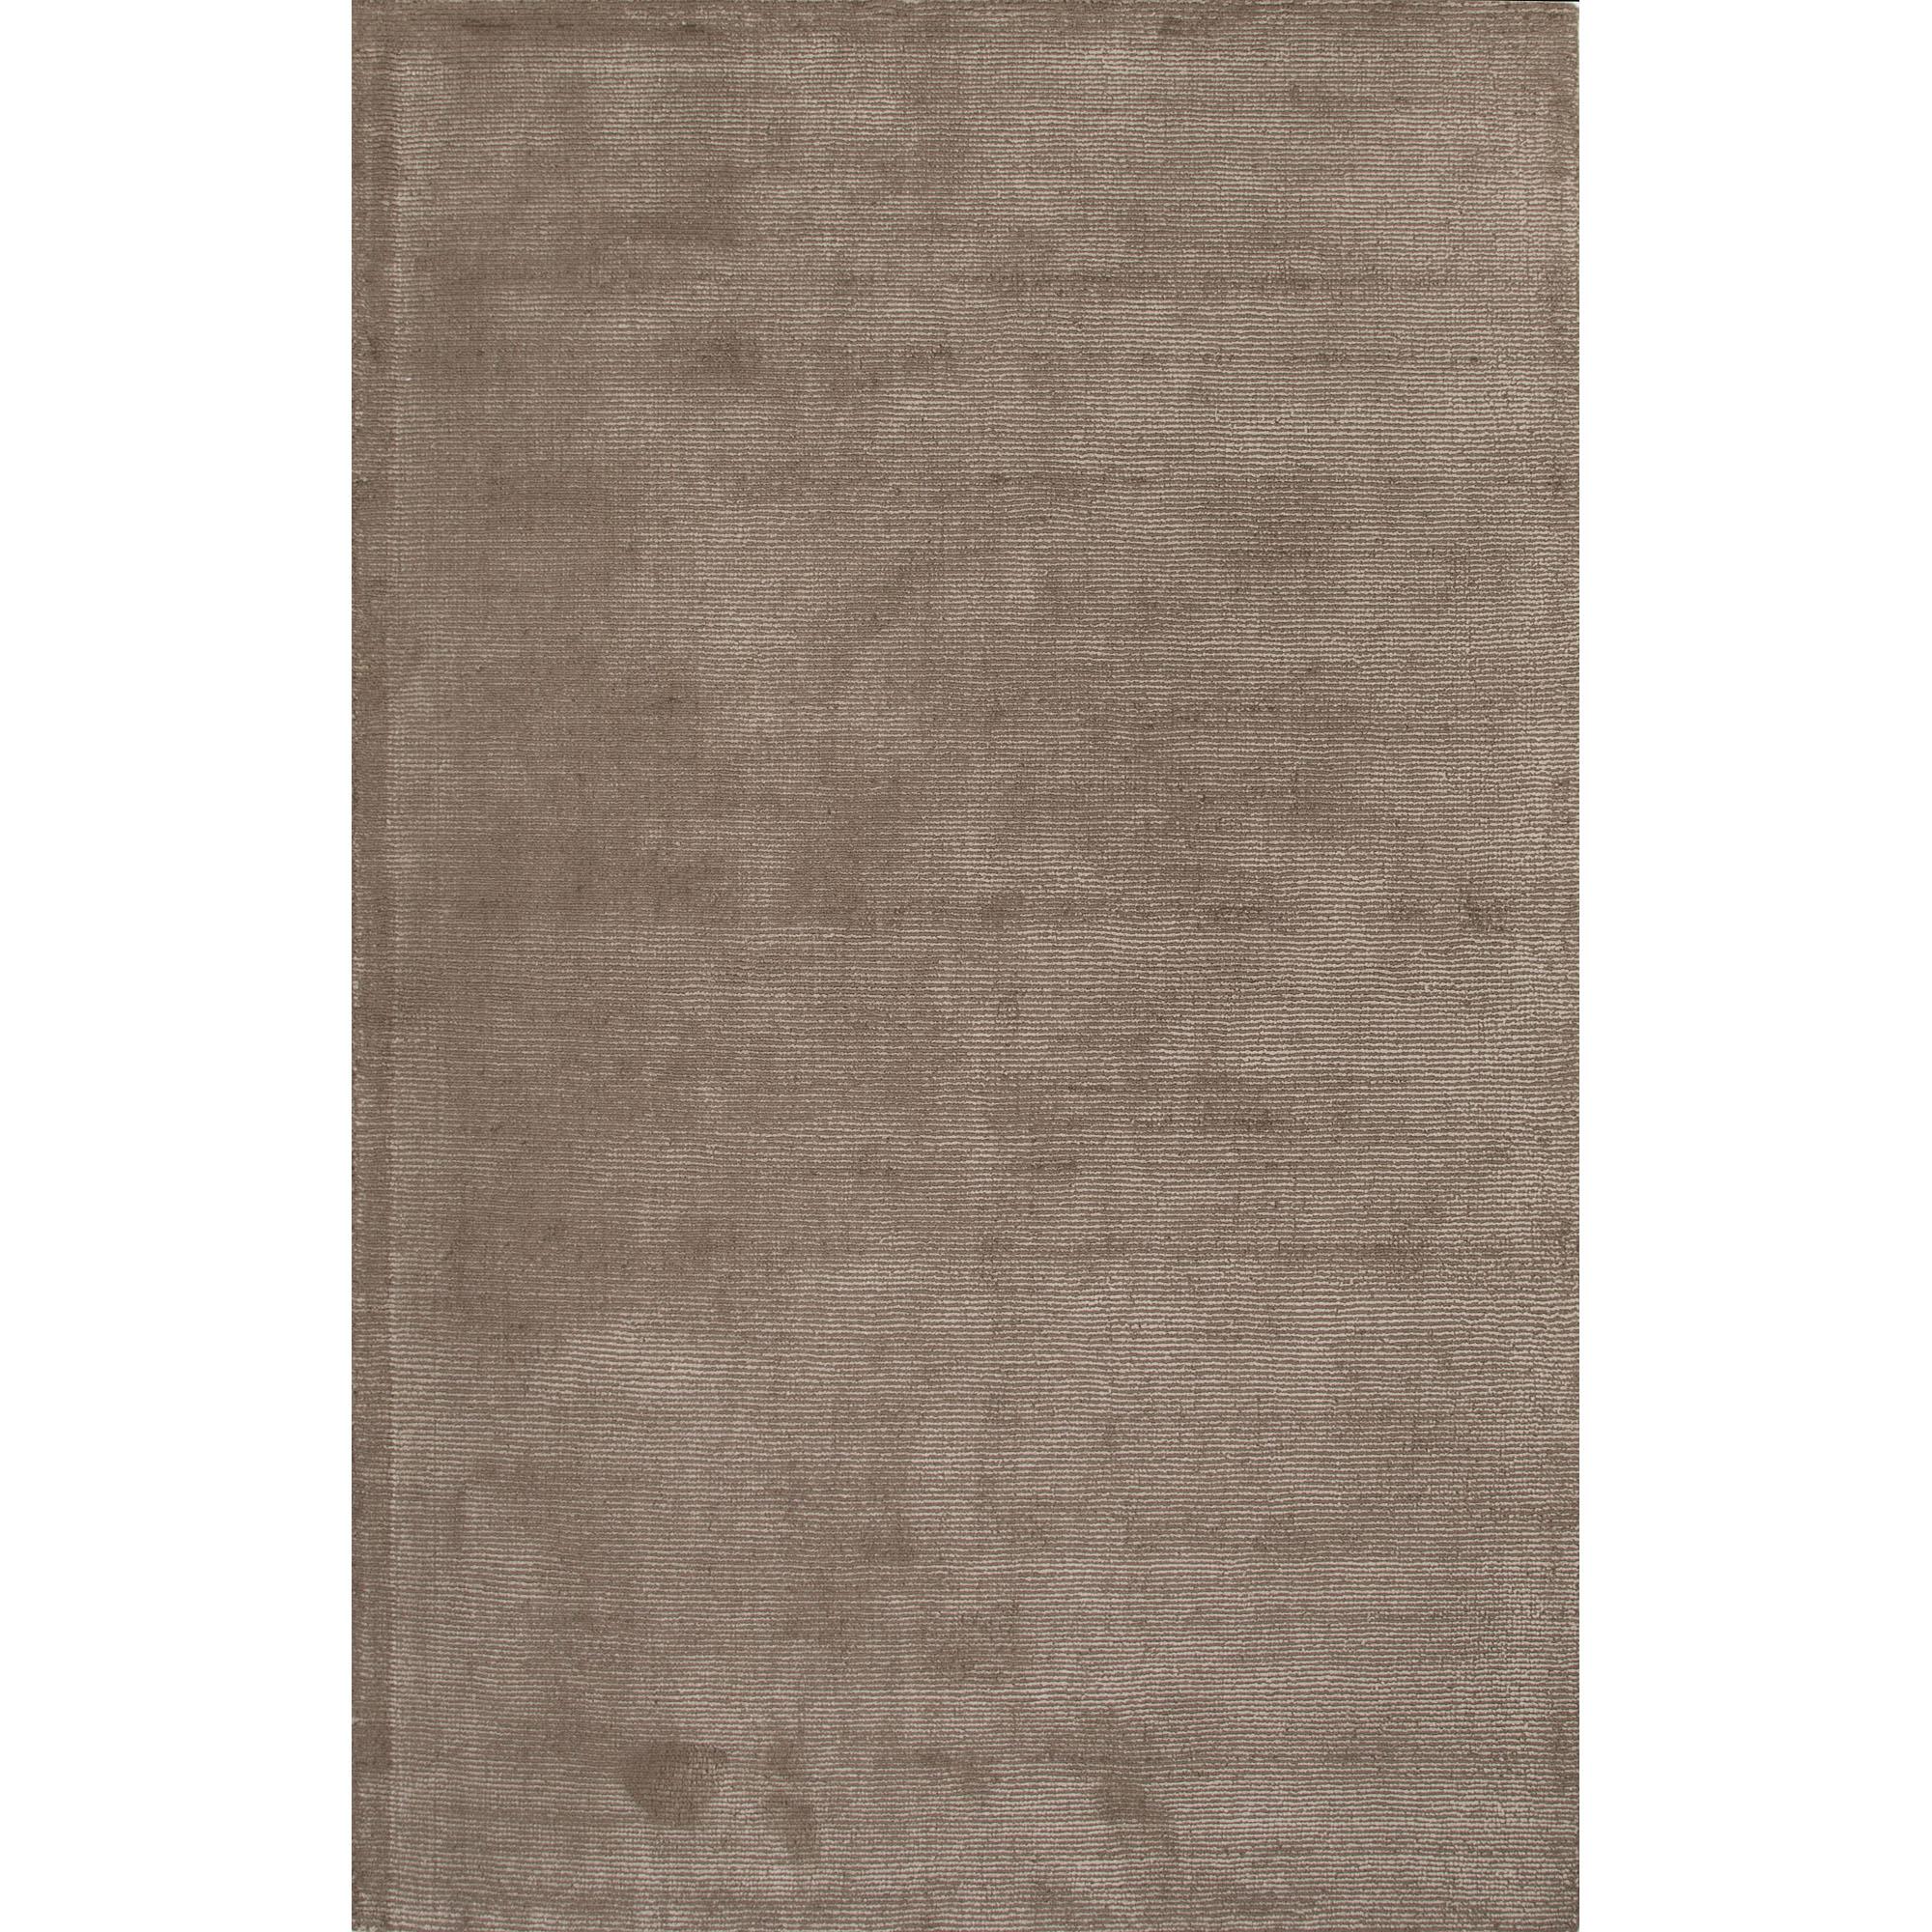 JAIPUR Rugs Konstrukt 8 x 10 Rug - Item Number: RUG114574